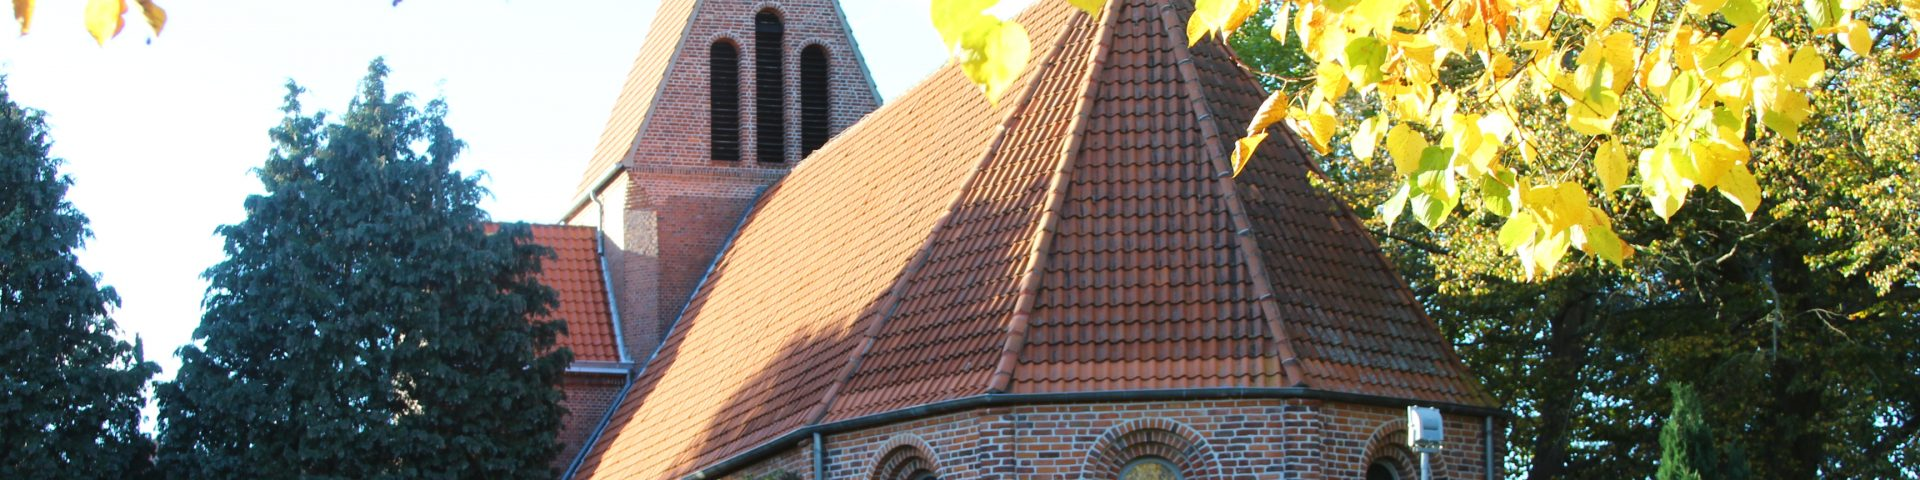 Heppenser Kirche